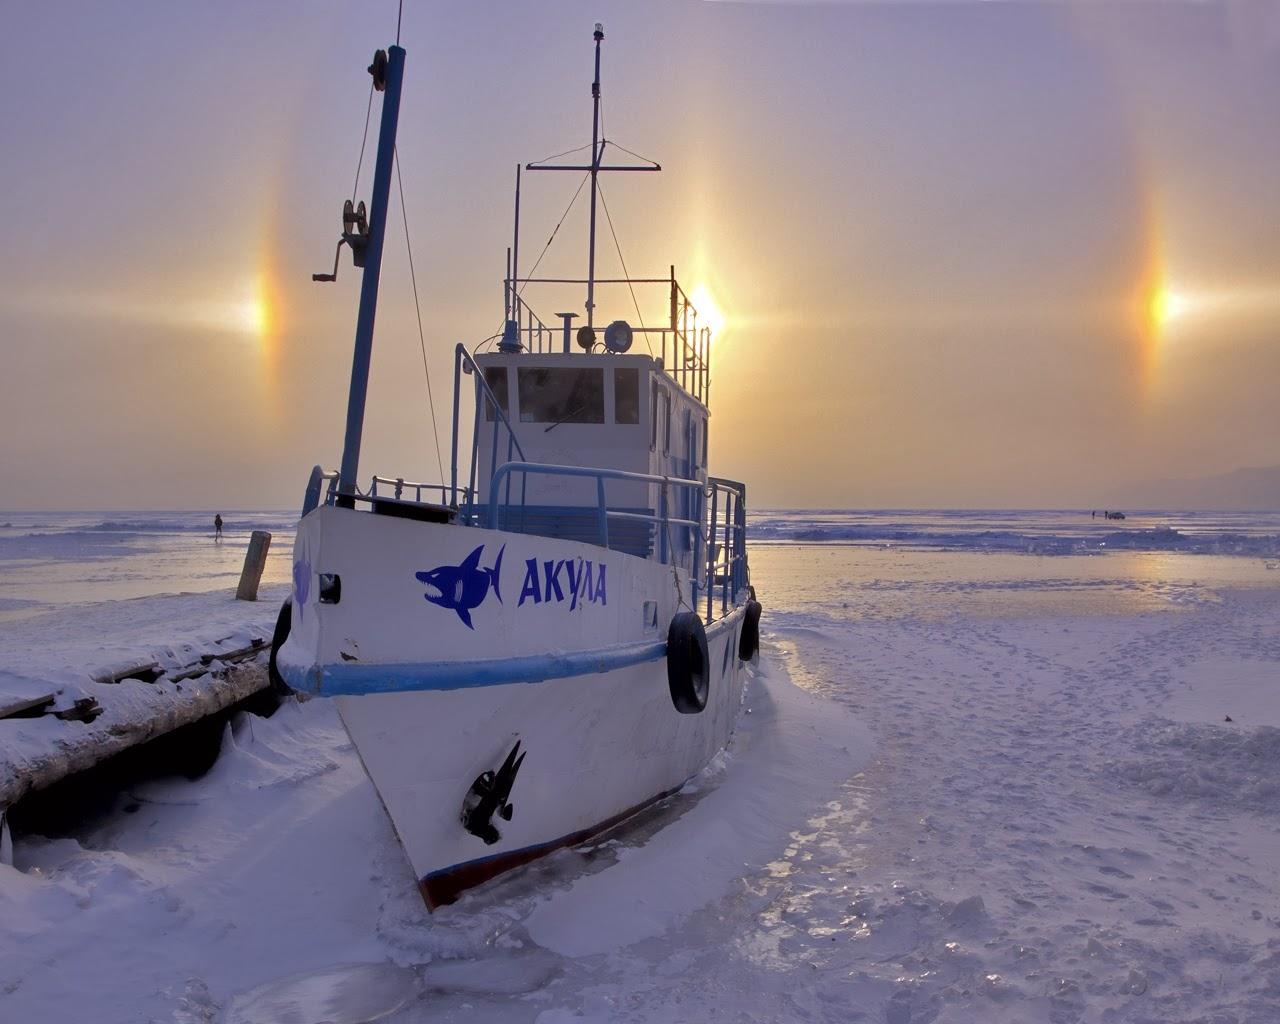 Bienvenidos al nuevo foro de apoyo a Noe #272 / 03.07.15 ~ 09.07.15 - Página 4 Halo+Solar+sobre+el+lago+Baikal+en+Russia+...Imagen+de+Elena+Ogorodnikova.